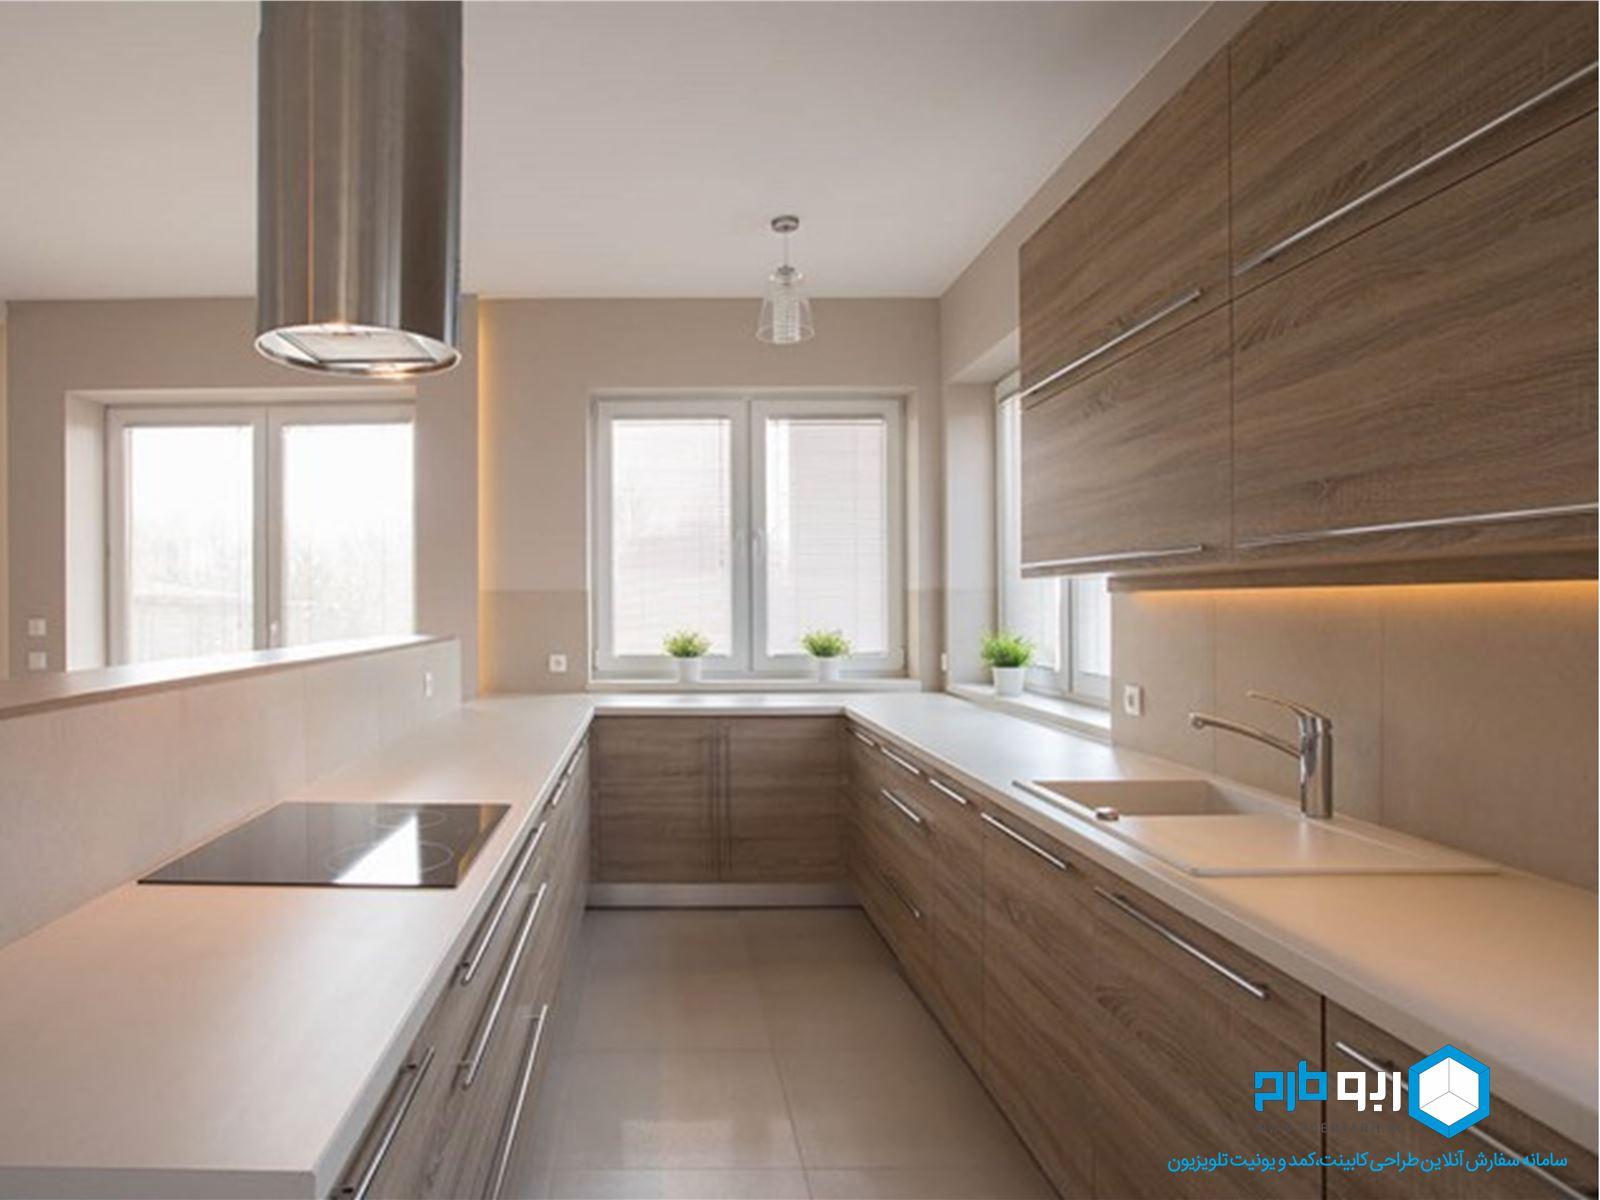 آشپزخانه به سبک  گالی یا راهرویی